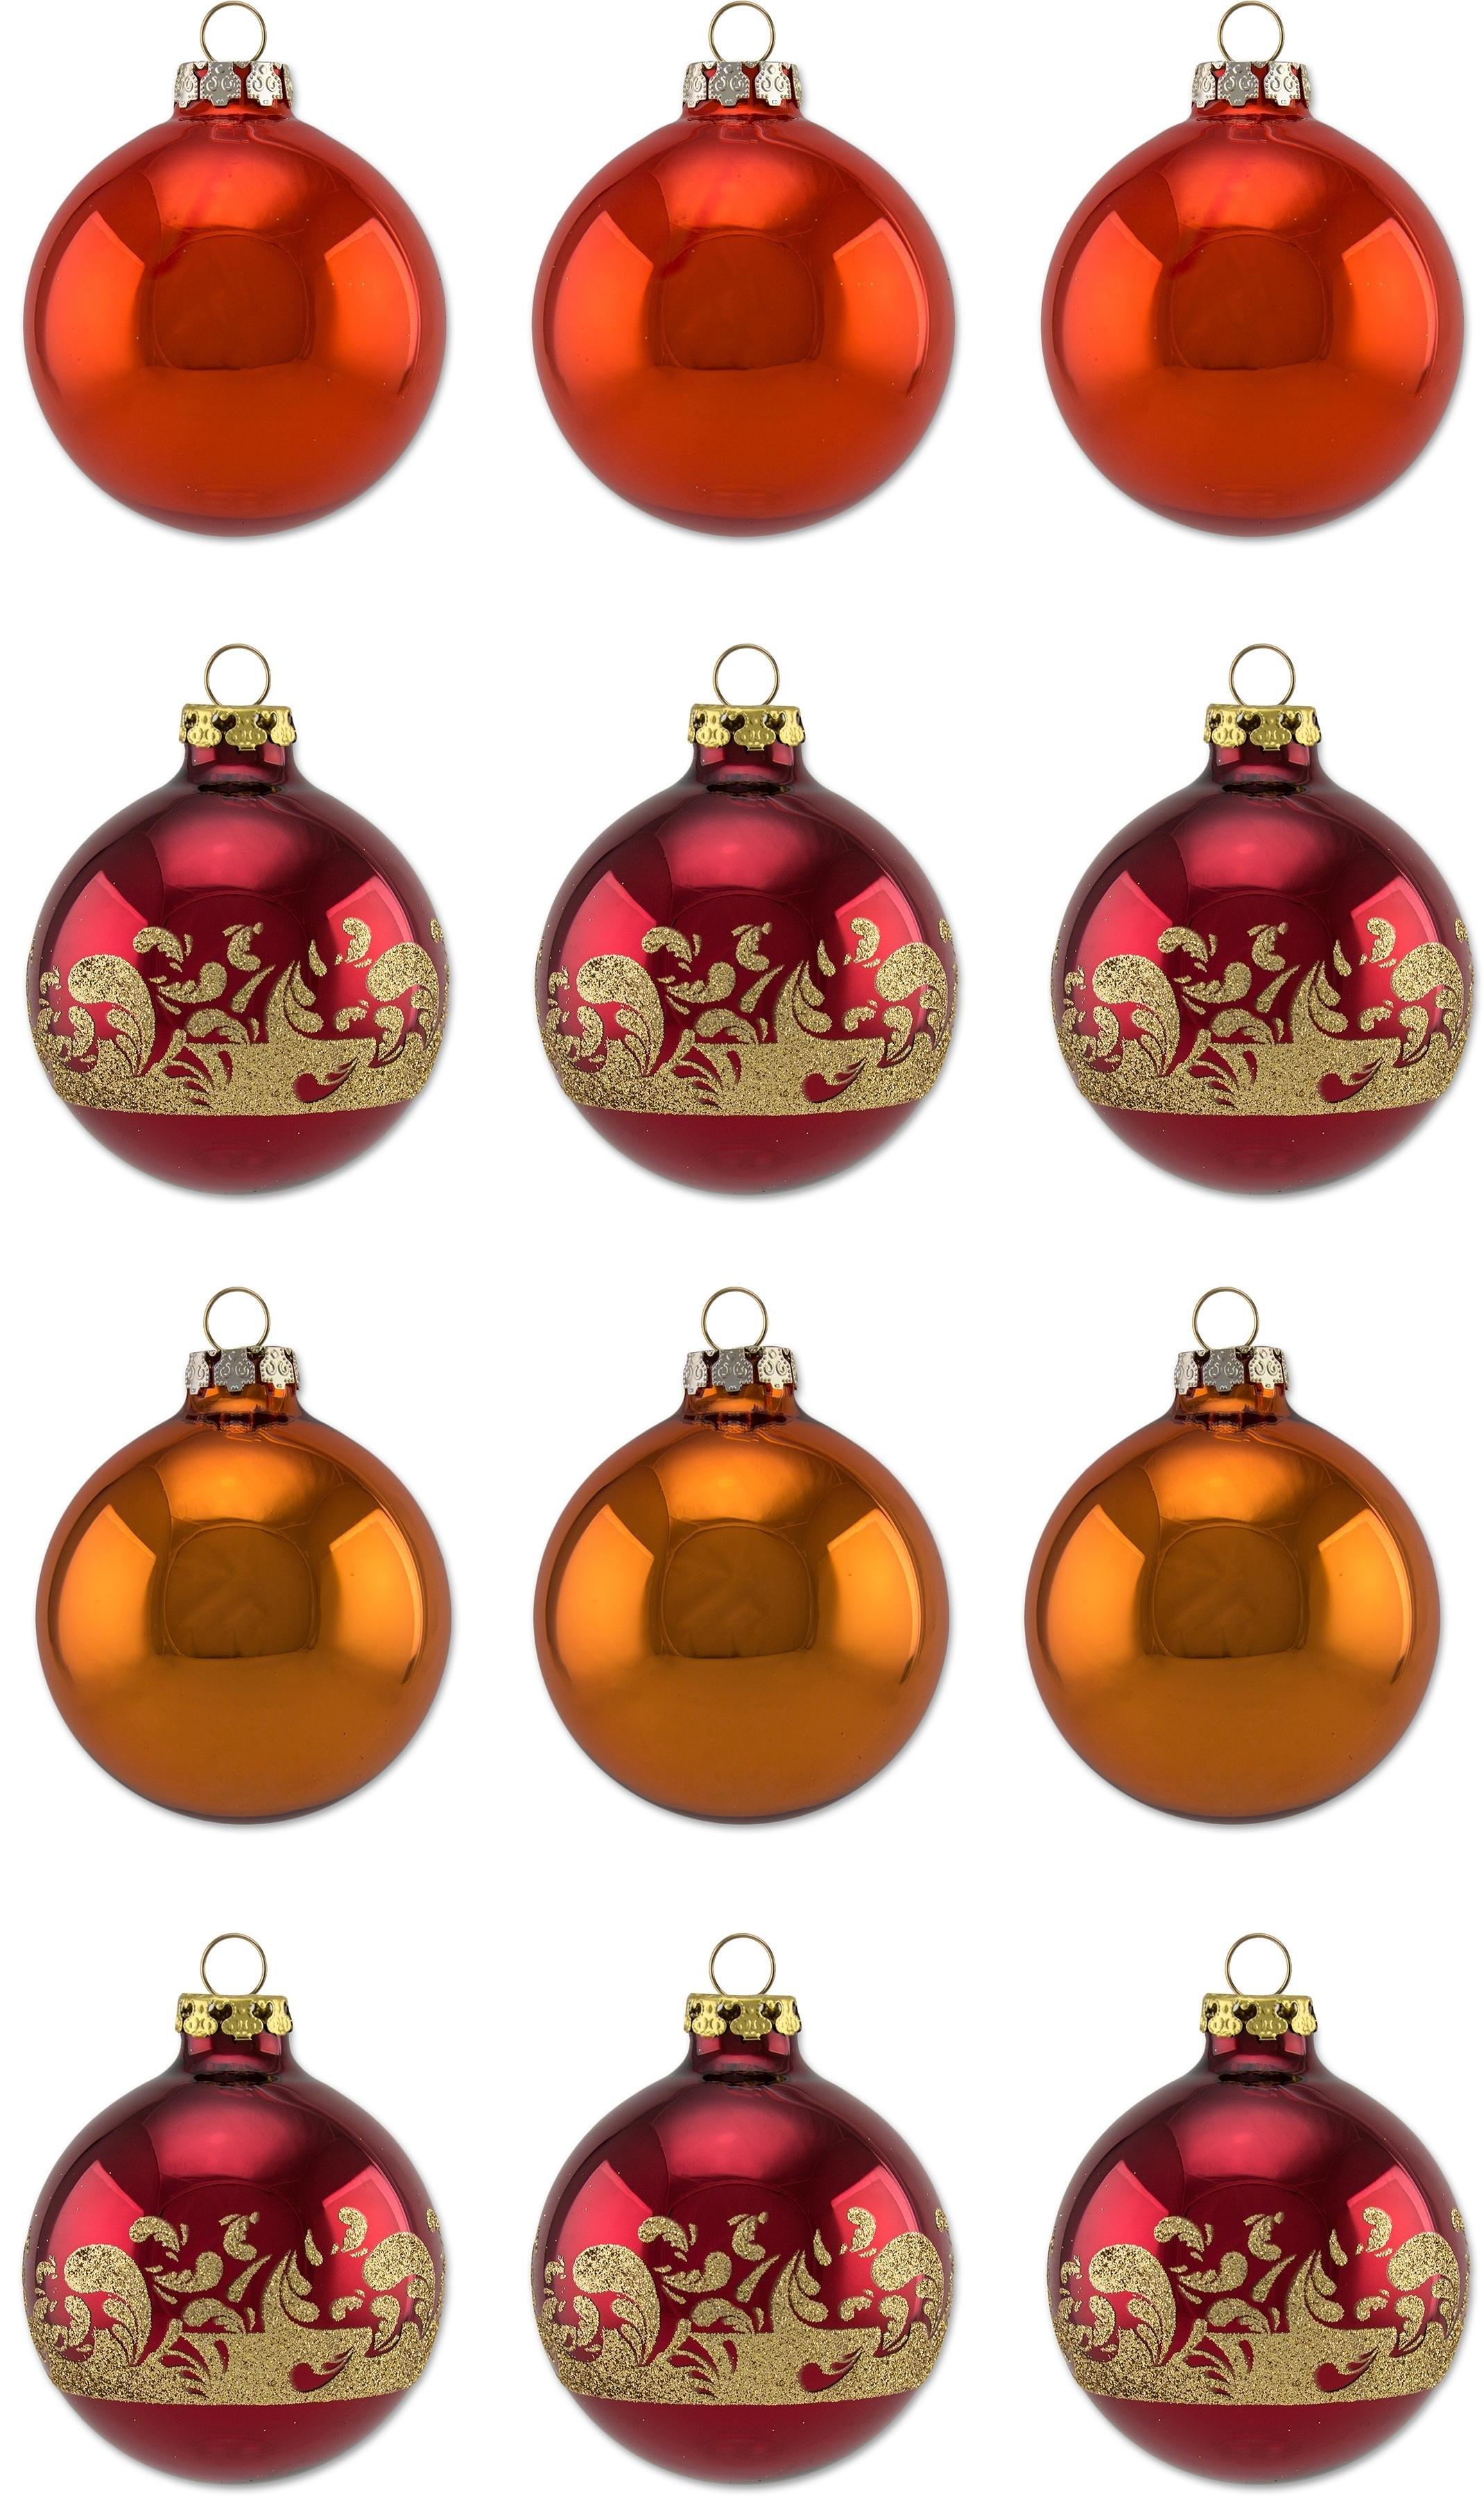 Thüringer Glasdesign kerstbal Sienna Ø 6 cm, met kerstballen met motief, made in Germany (set, 12 stuks) voordelig en veilig online kopen